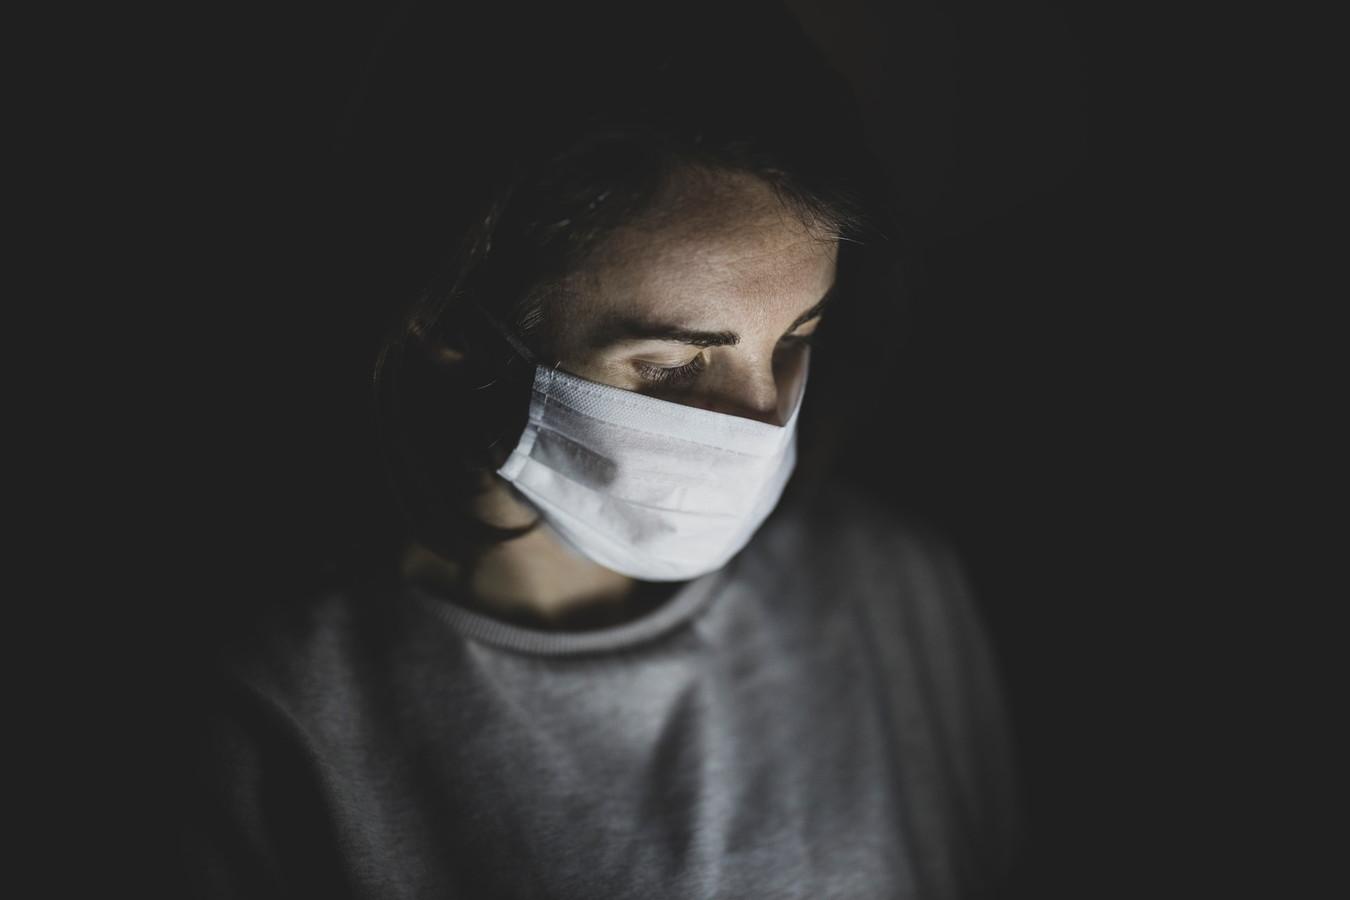 【書評】感染症の世界史[病原体と人間による戦いの4つの結末]